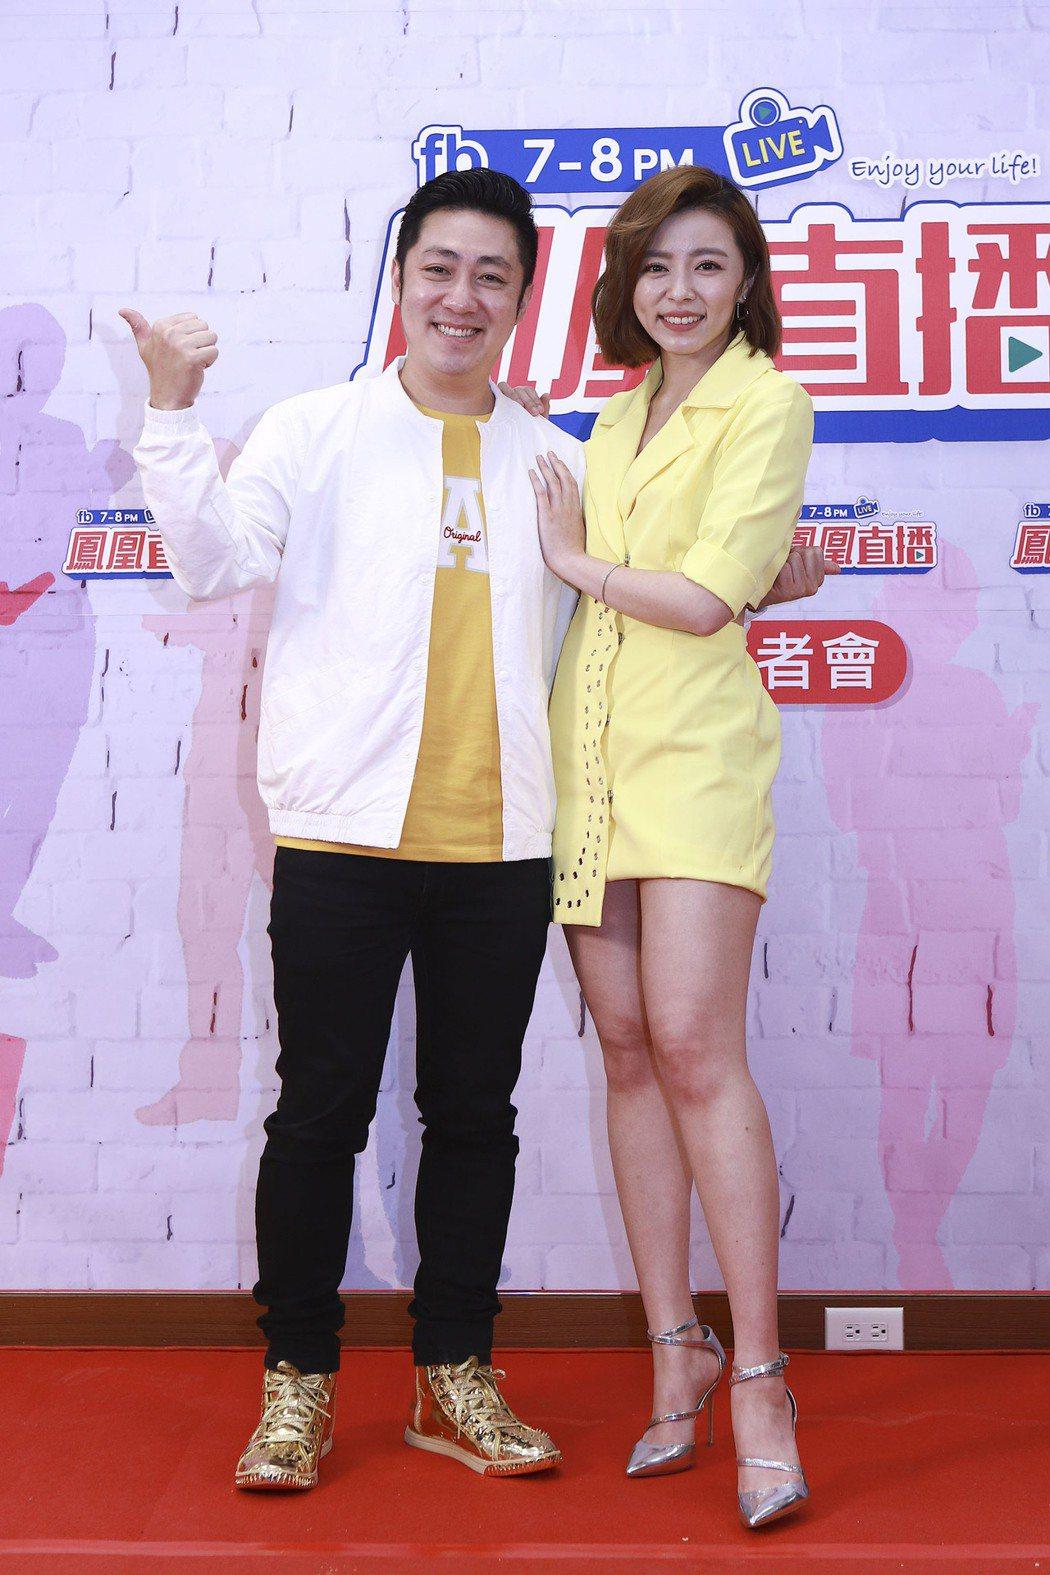 艾成開直播節目,王瞳站台。圖/民視提供